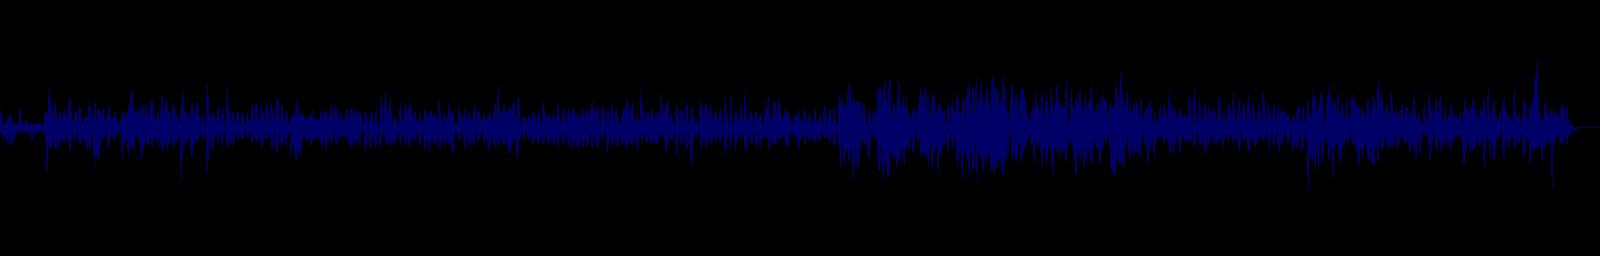 waveform of track #108479